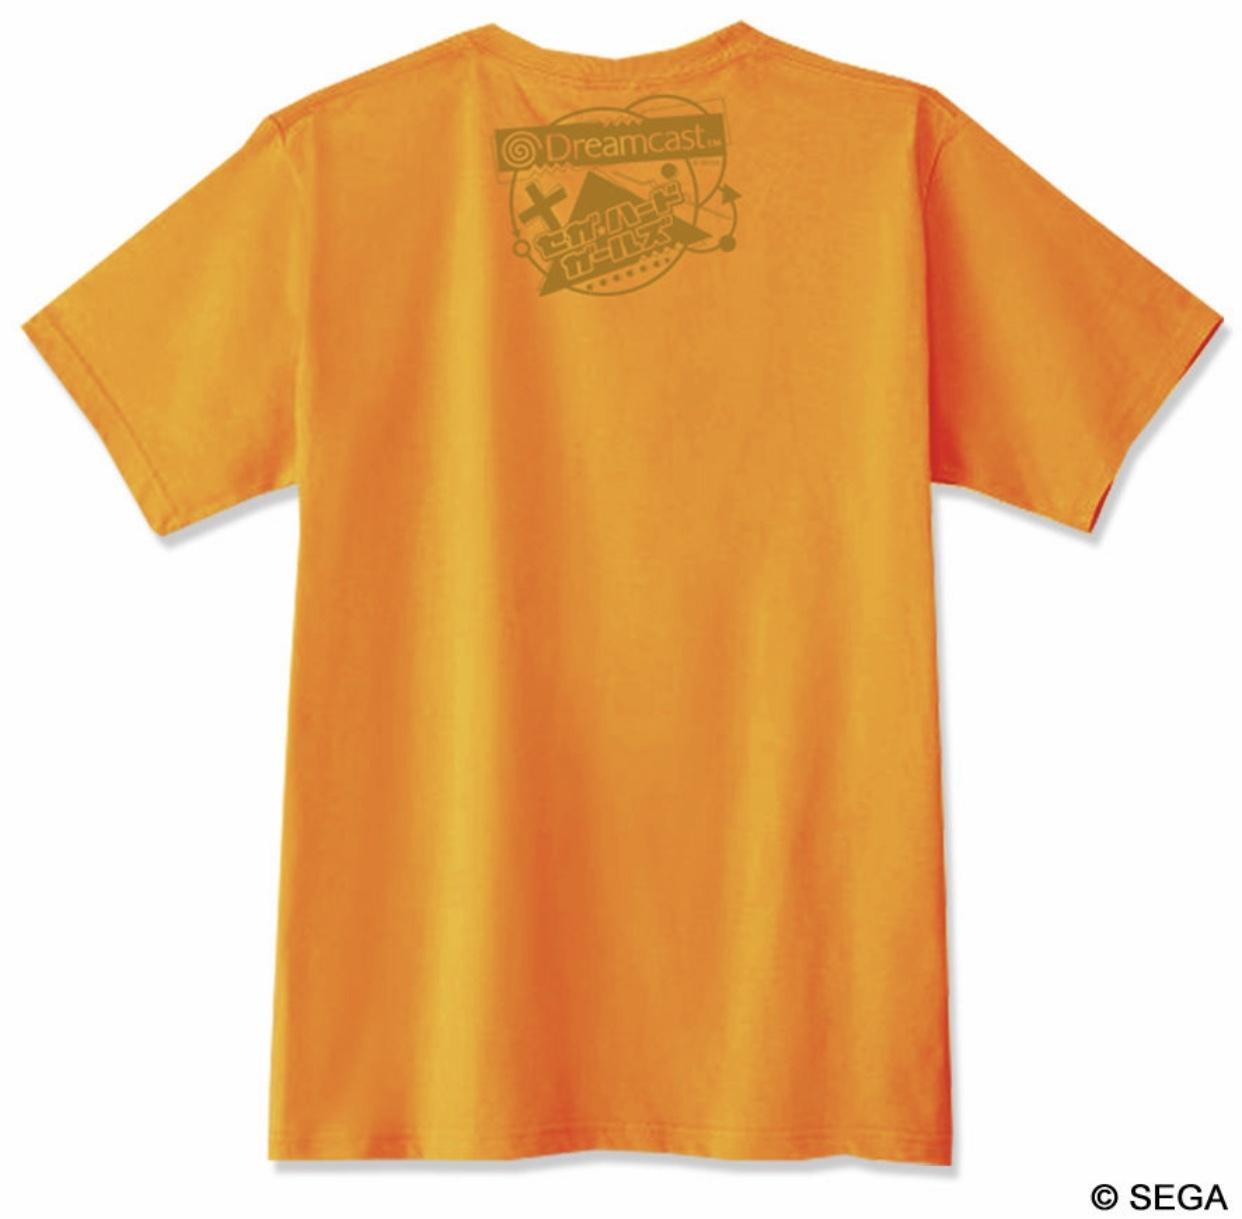 ドリームキャスト Real x Virtual Tシャツ -オレンジ- / GAMES GLORIOUS